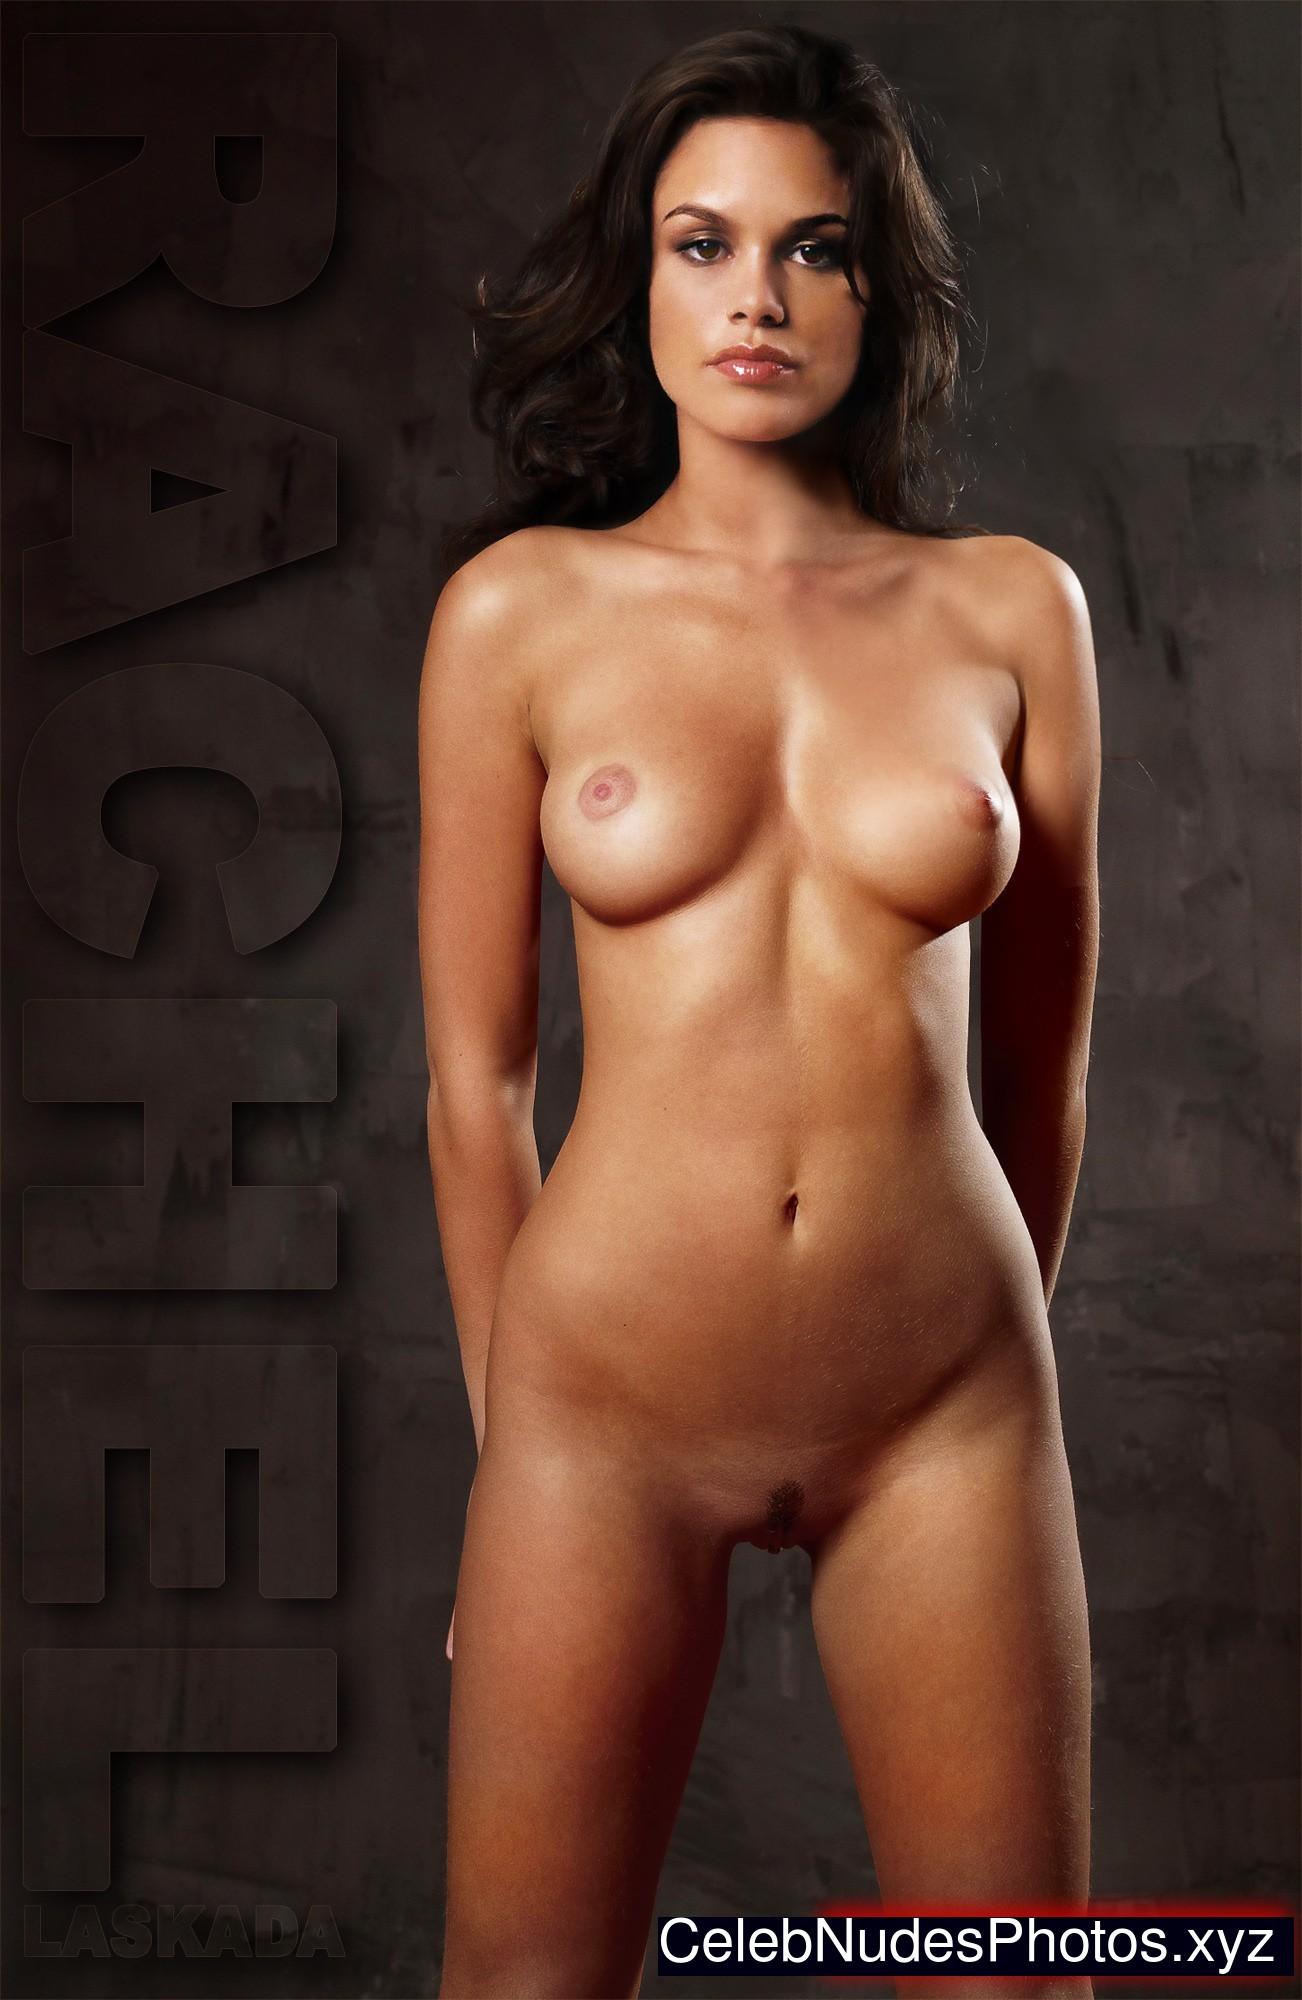 Nude actress rachel bilson